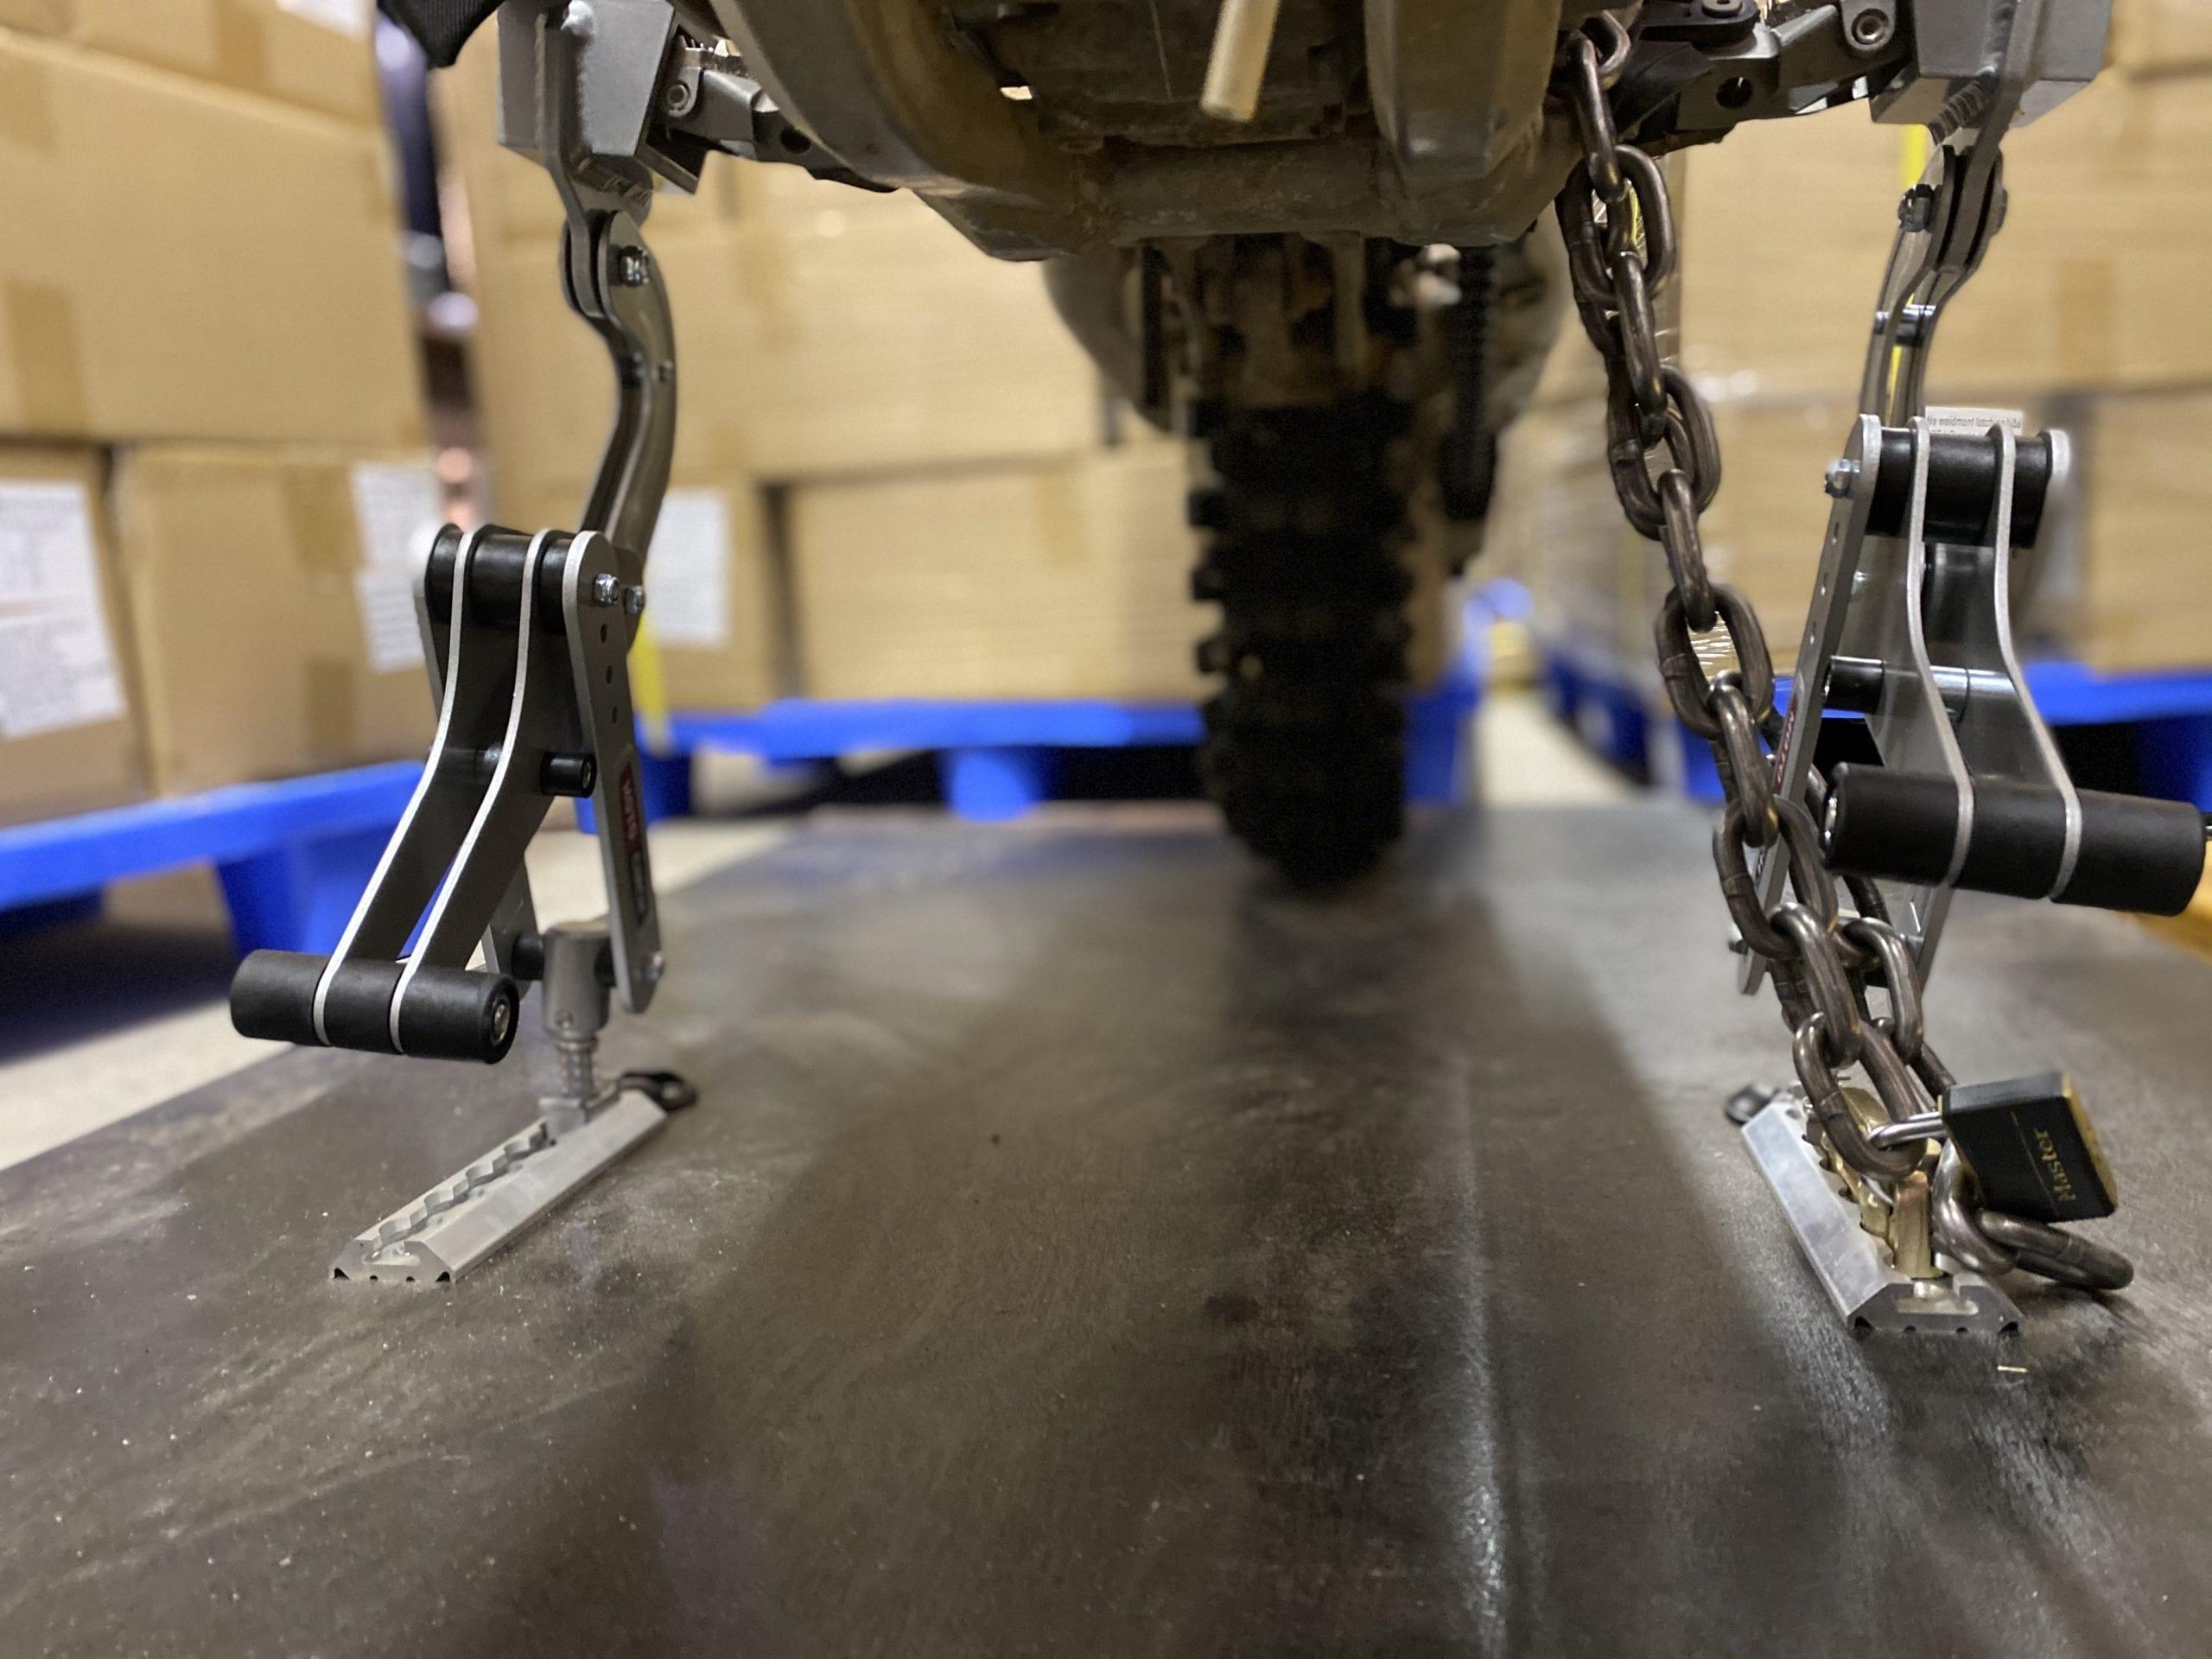 Moto cinch lockable tie down for motorcycles